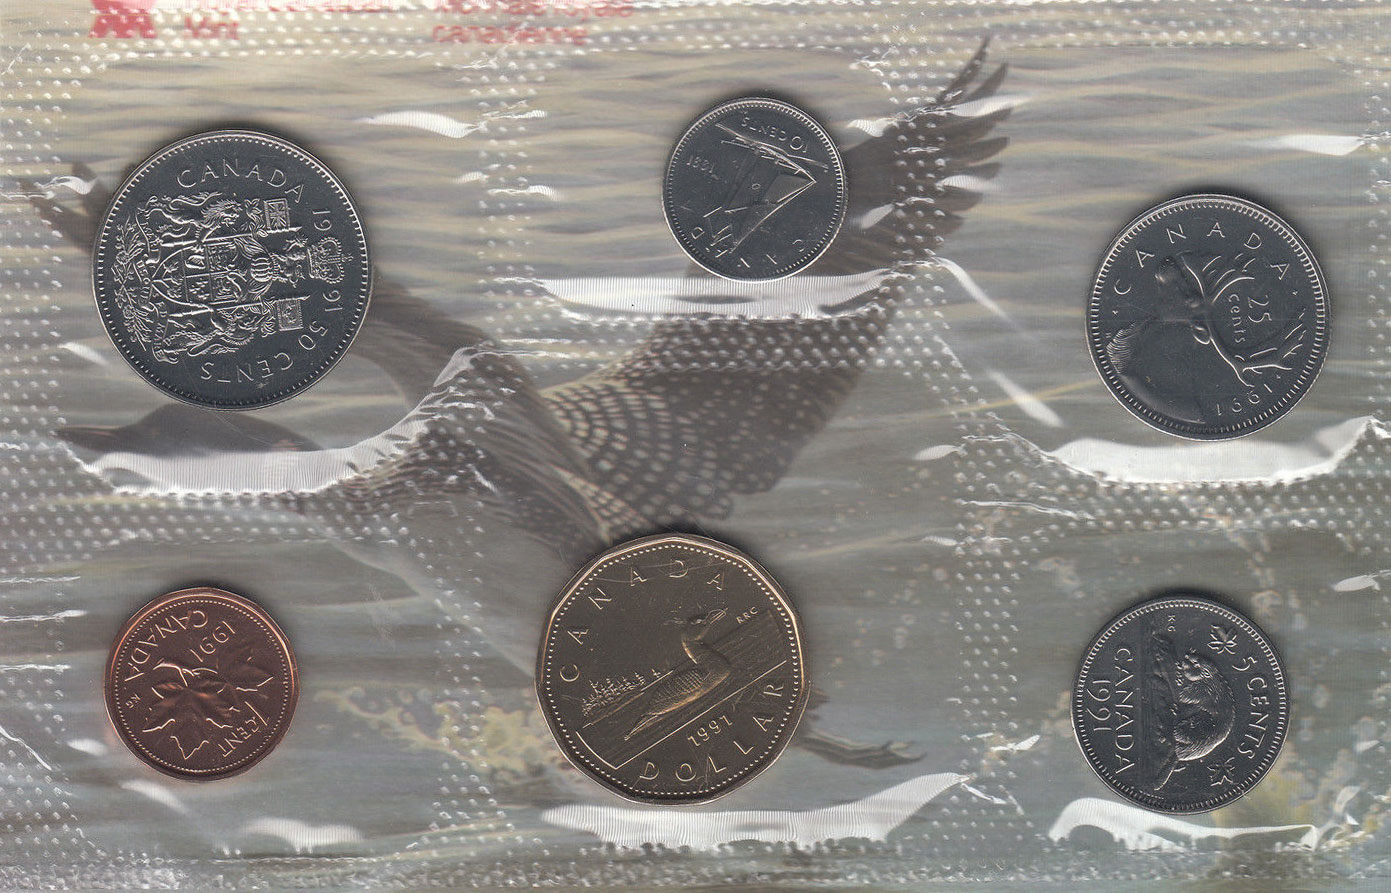 numicanada ensembles numismatiques hors circulation pl 1991. Black Bedroom Furniture Sets. Home Design Ideas